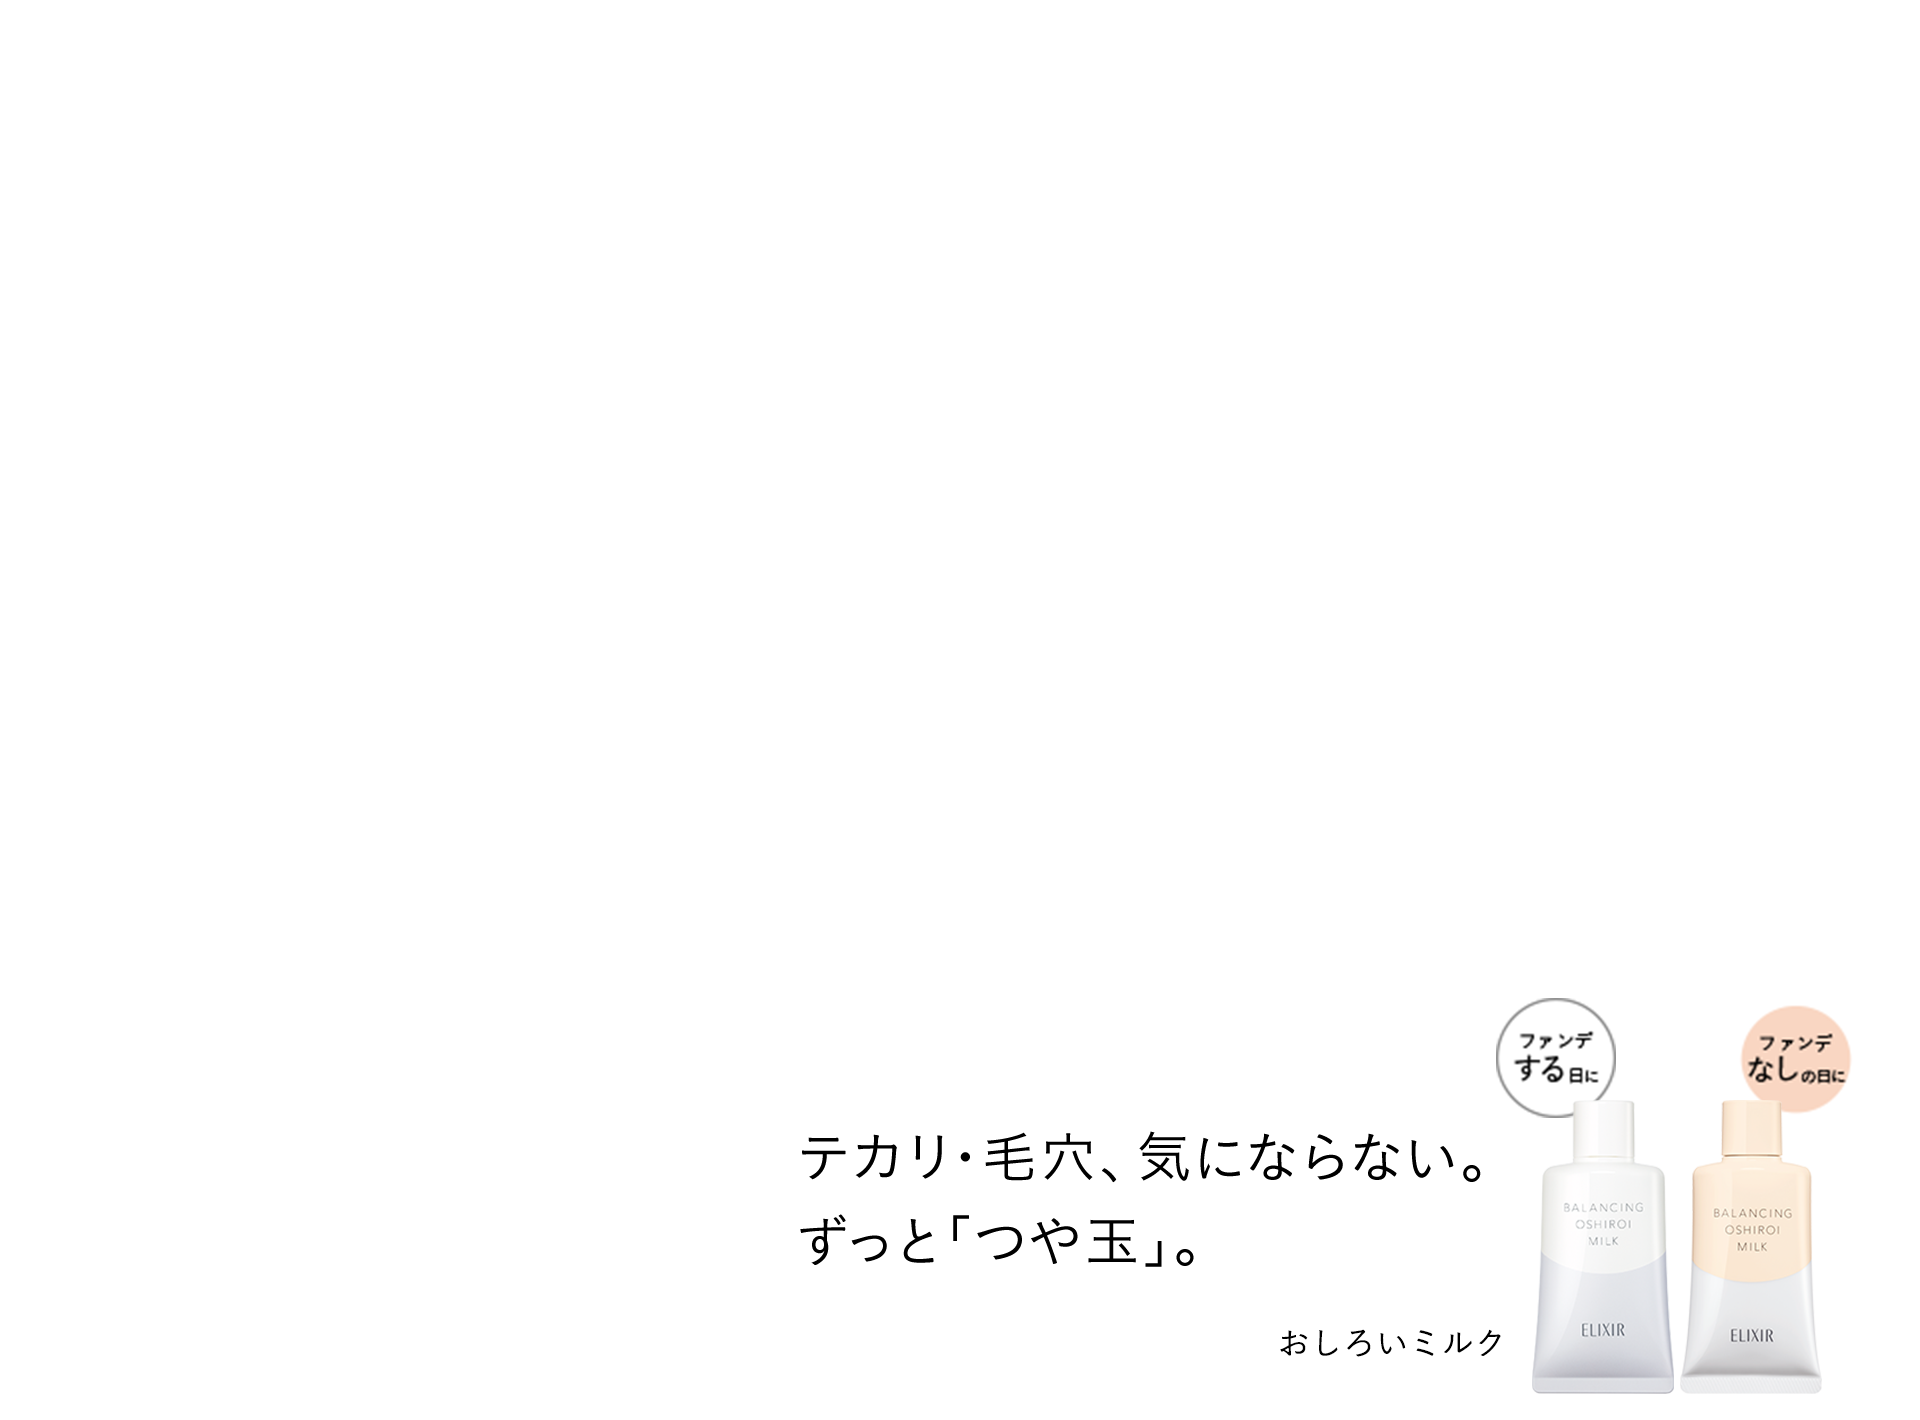 クリーム キャンペーン リンクル エリクシール